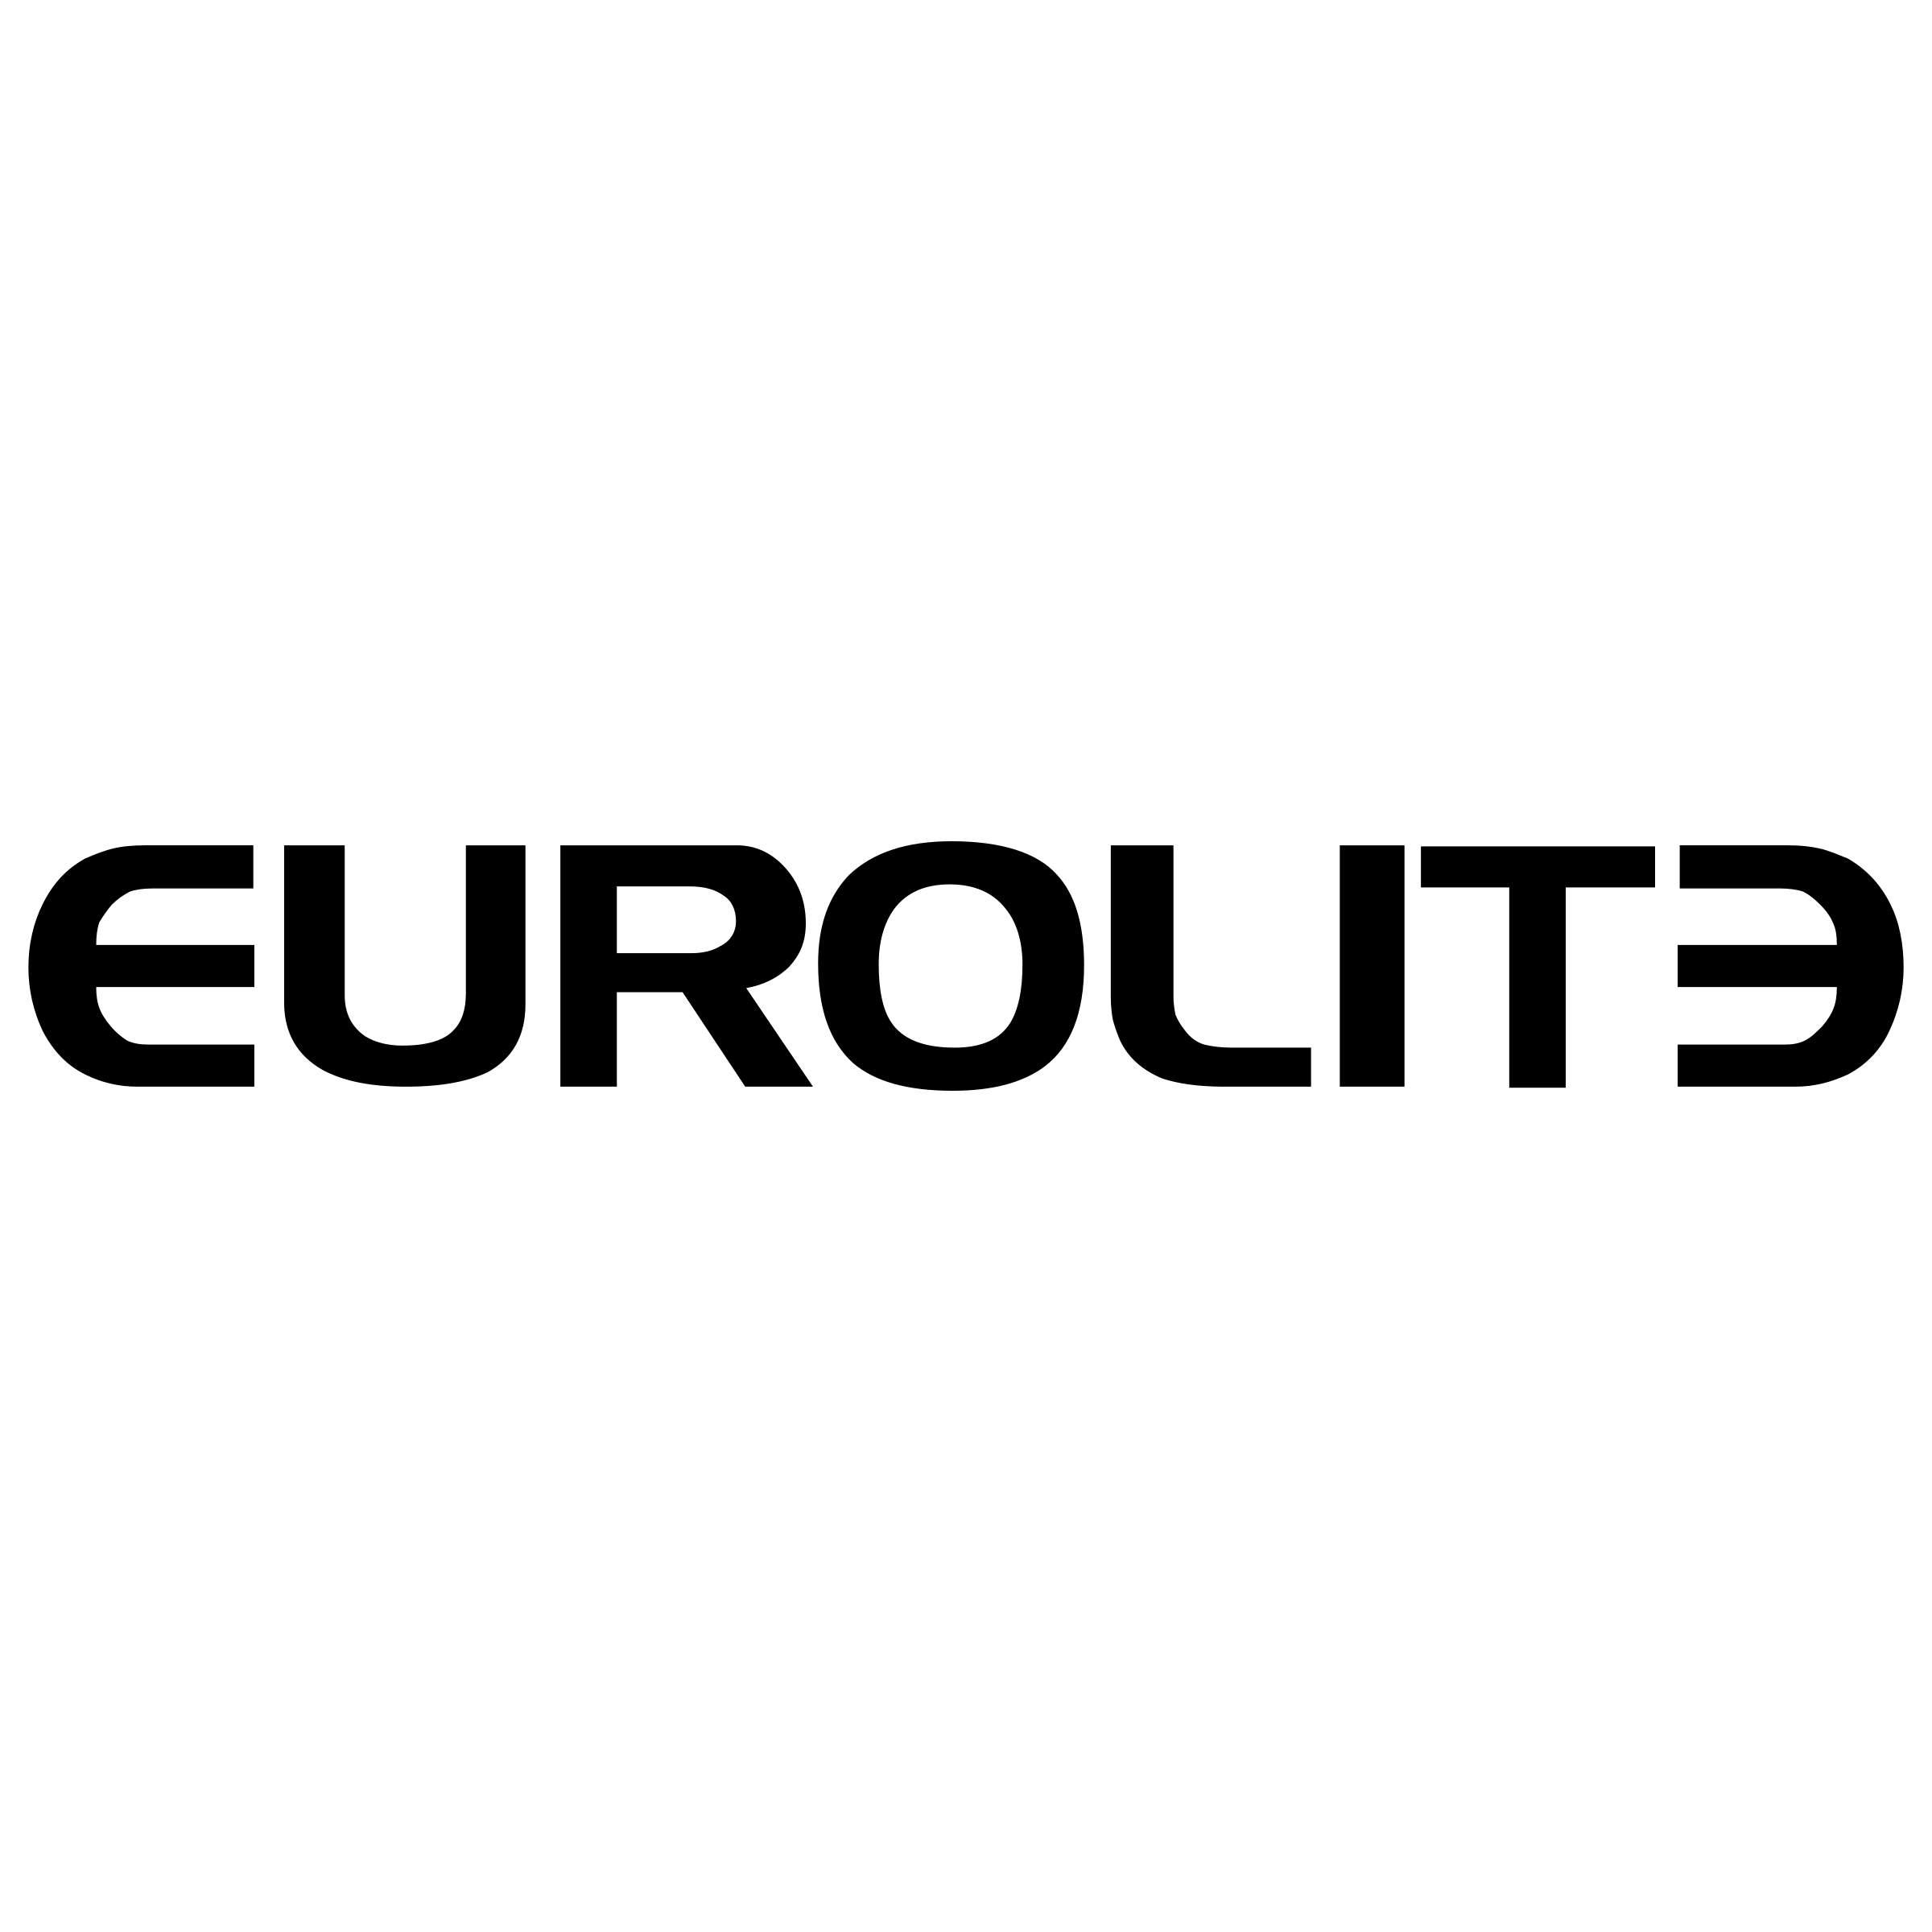 eurolite-logo-png-transparent